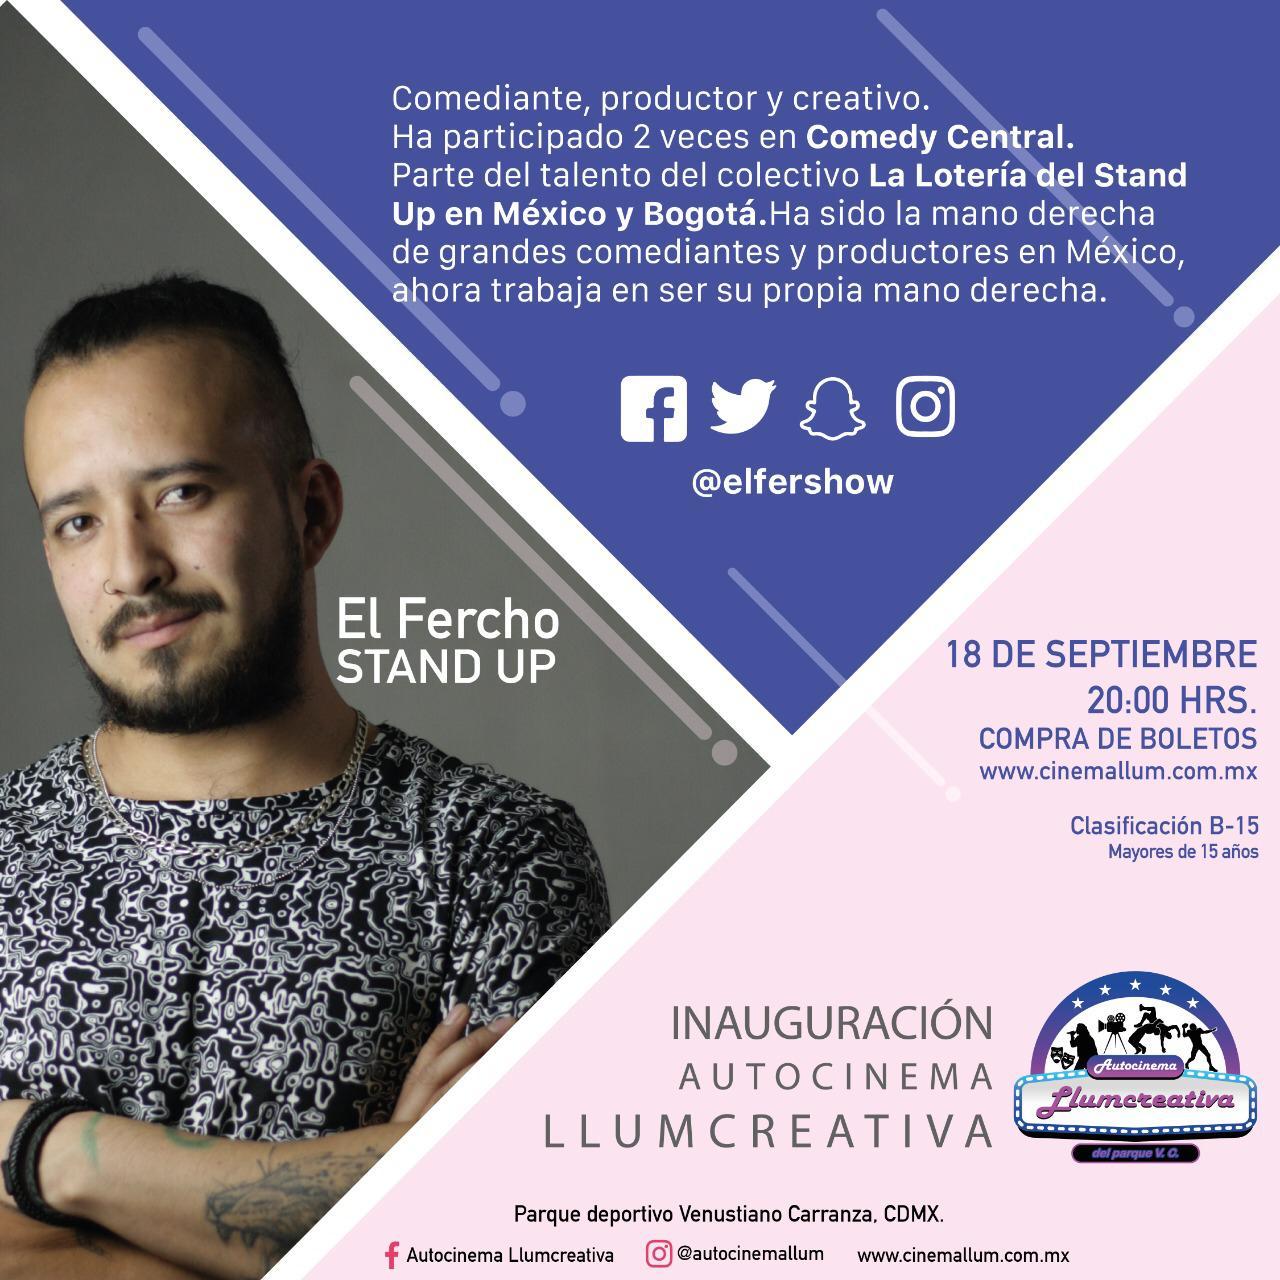 Mañana gran inauguración del Autocinema Llumcreativa El Parque que abre sus  puertas este fin de semana - Voces del Periodista Diario